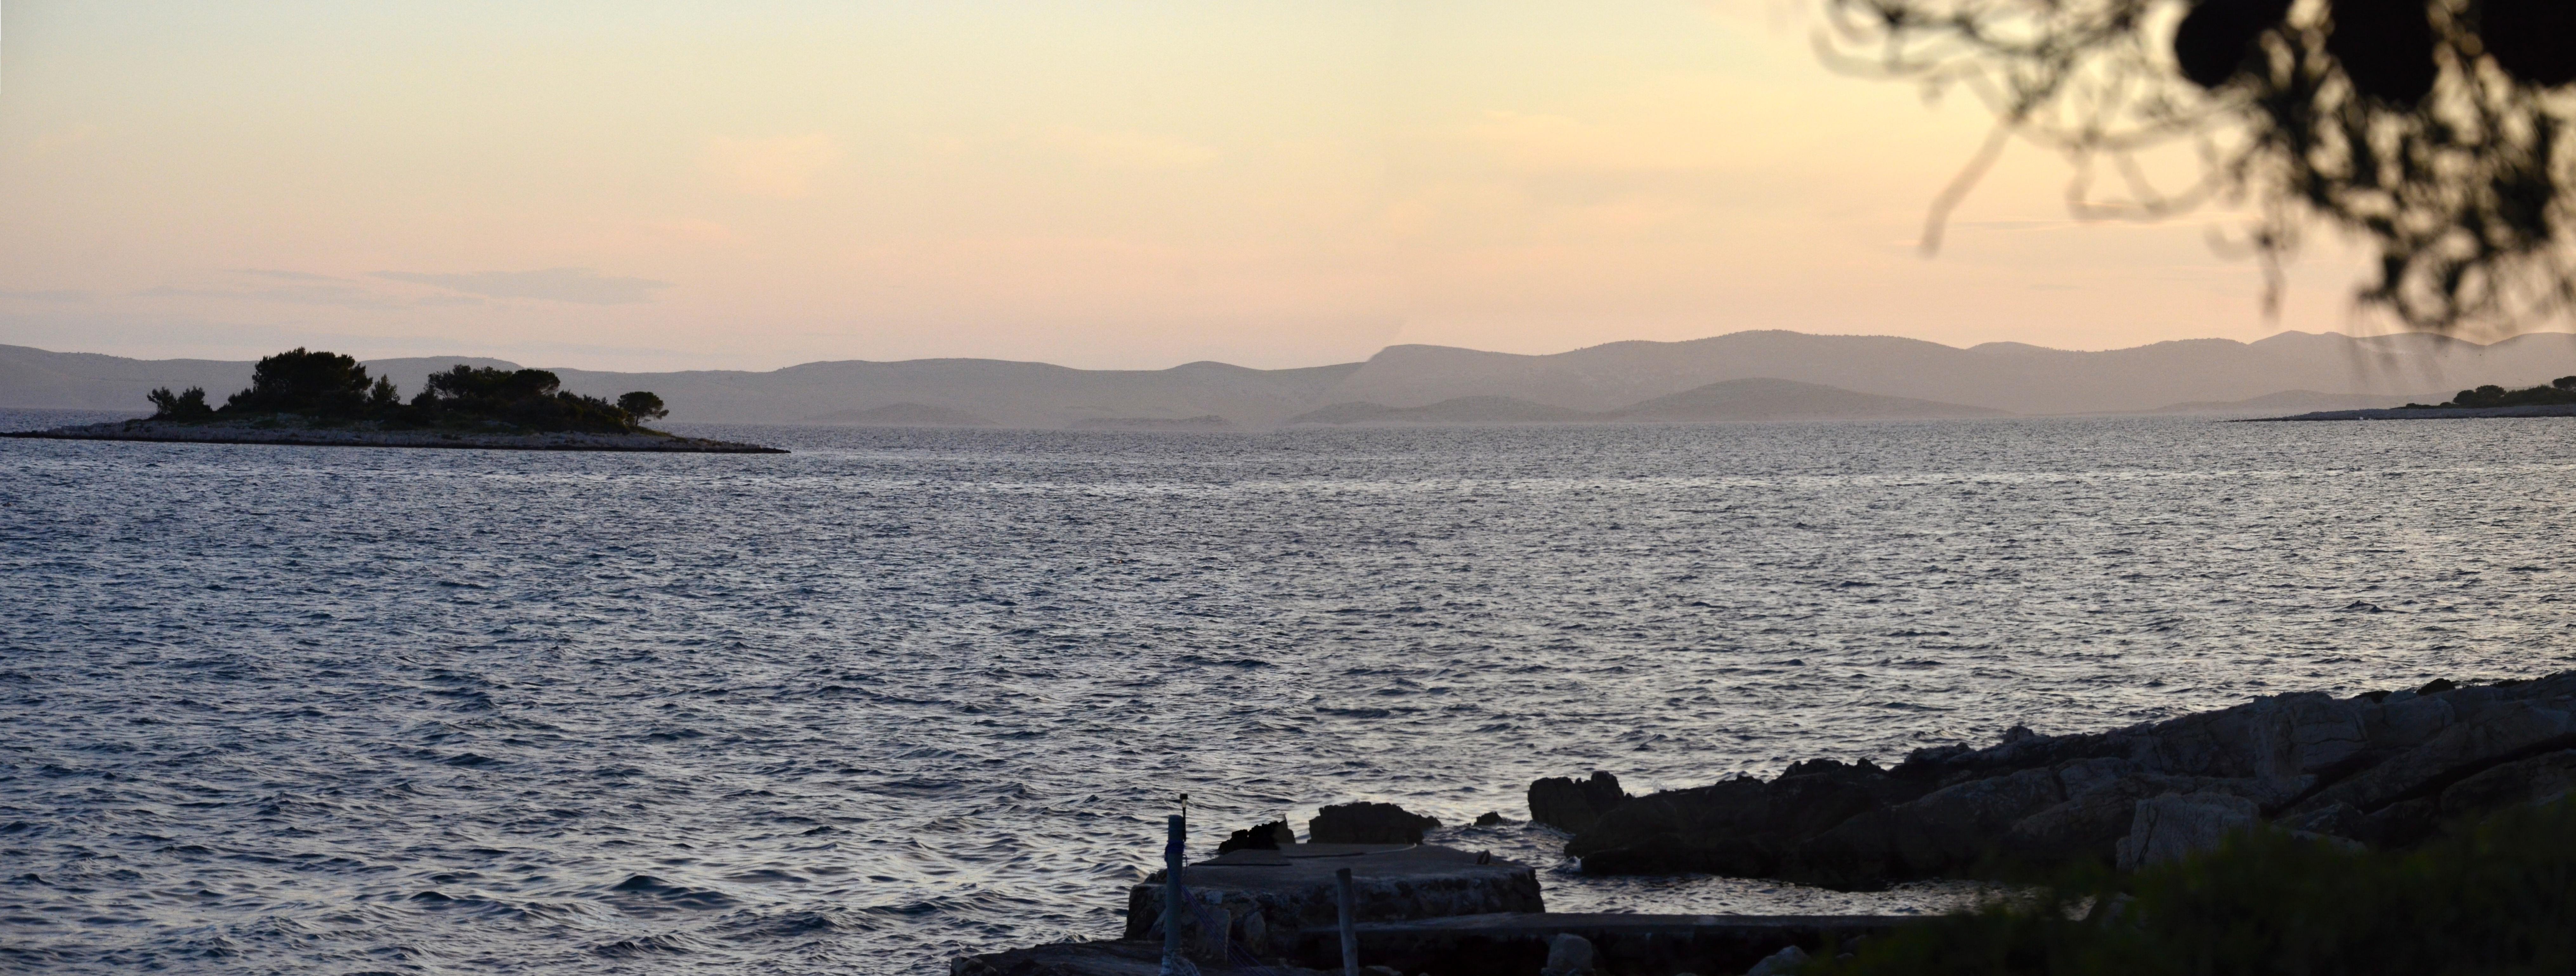 DSC_5352_panorama